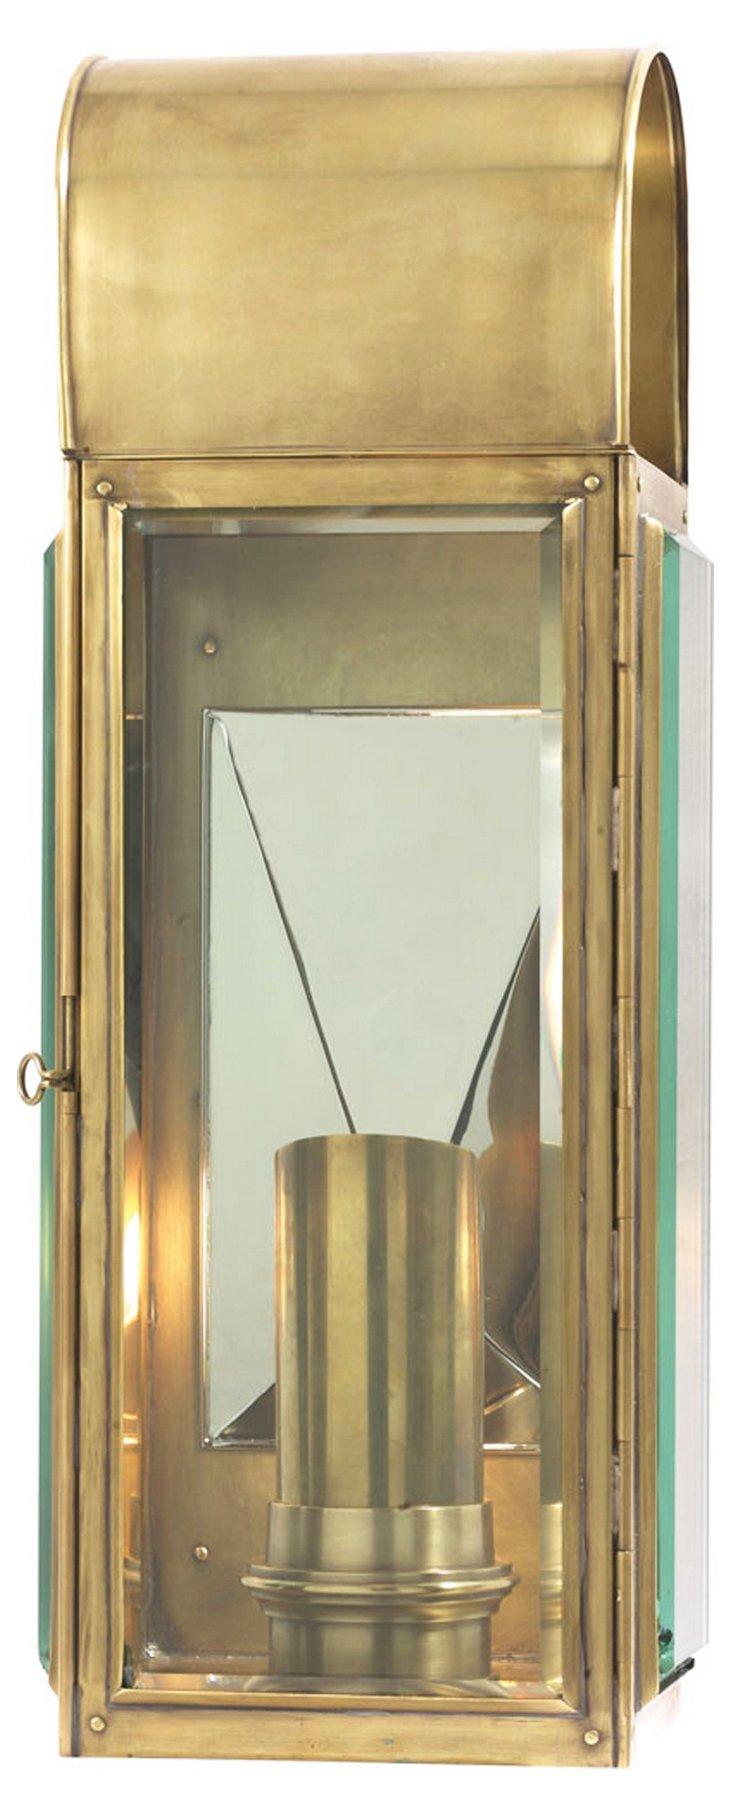 Arch-Top 1-Light Wall Bracket, Brass